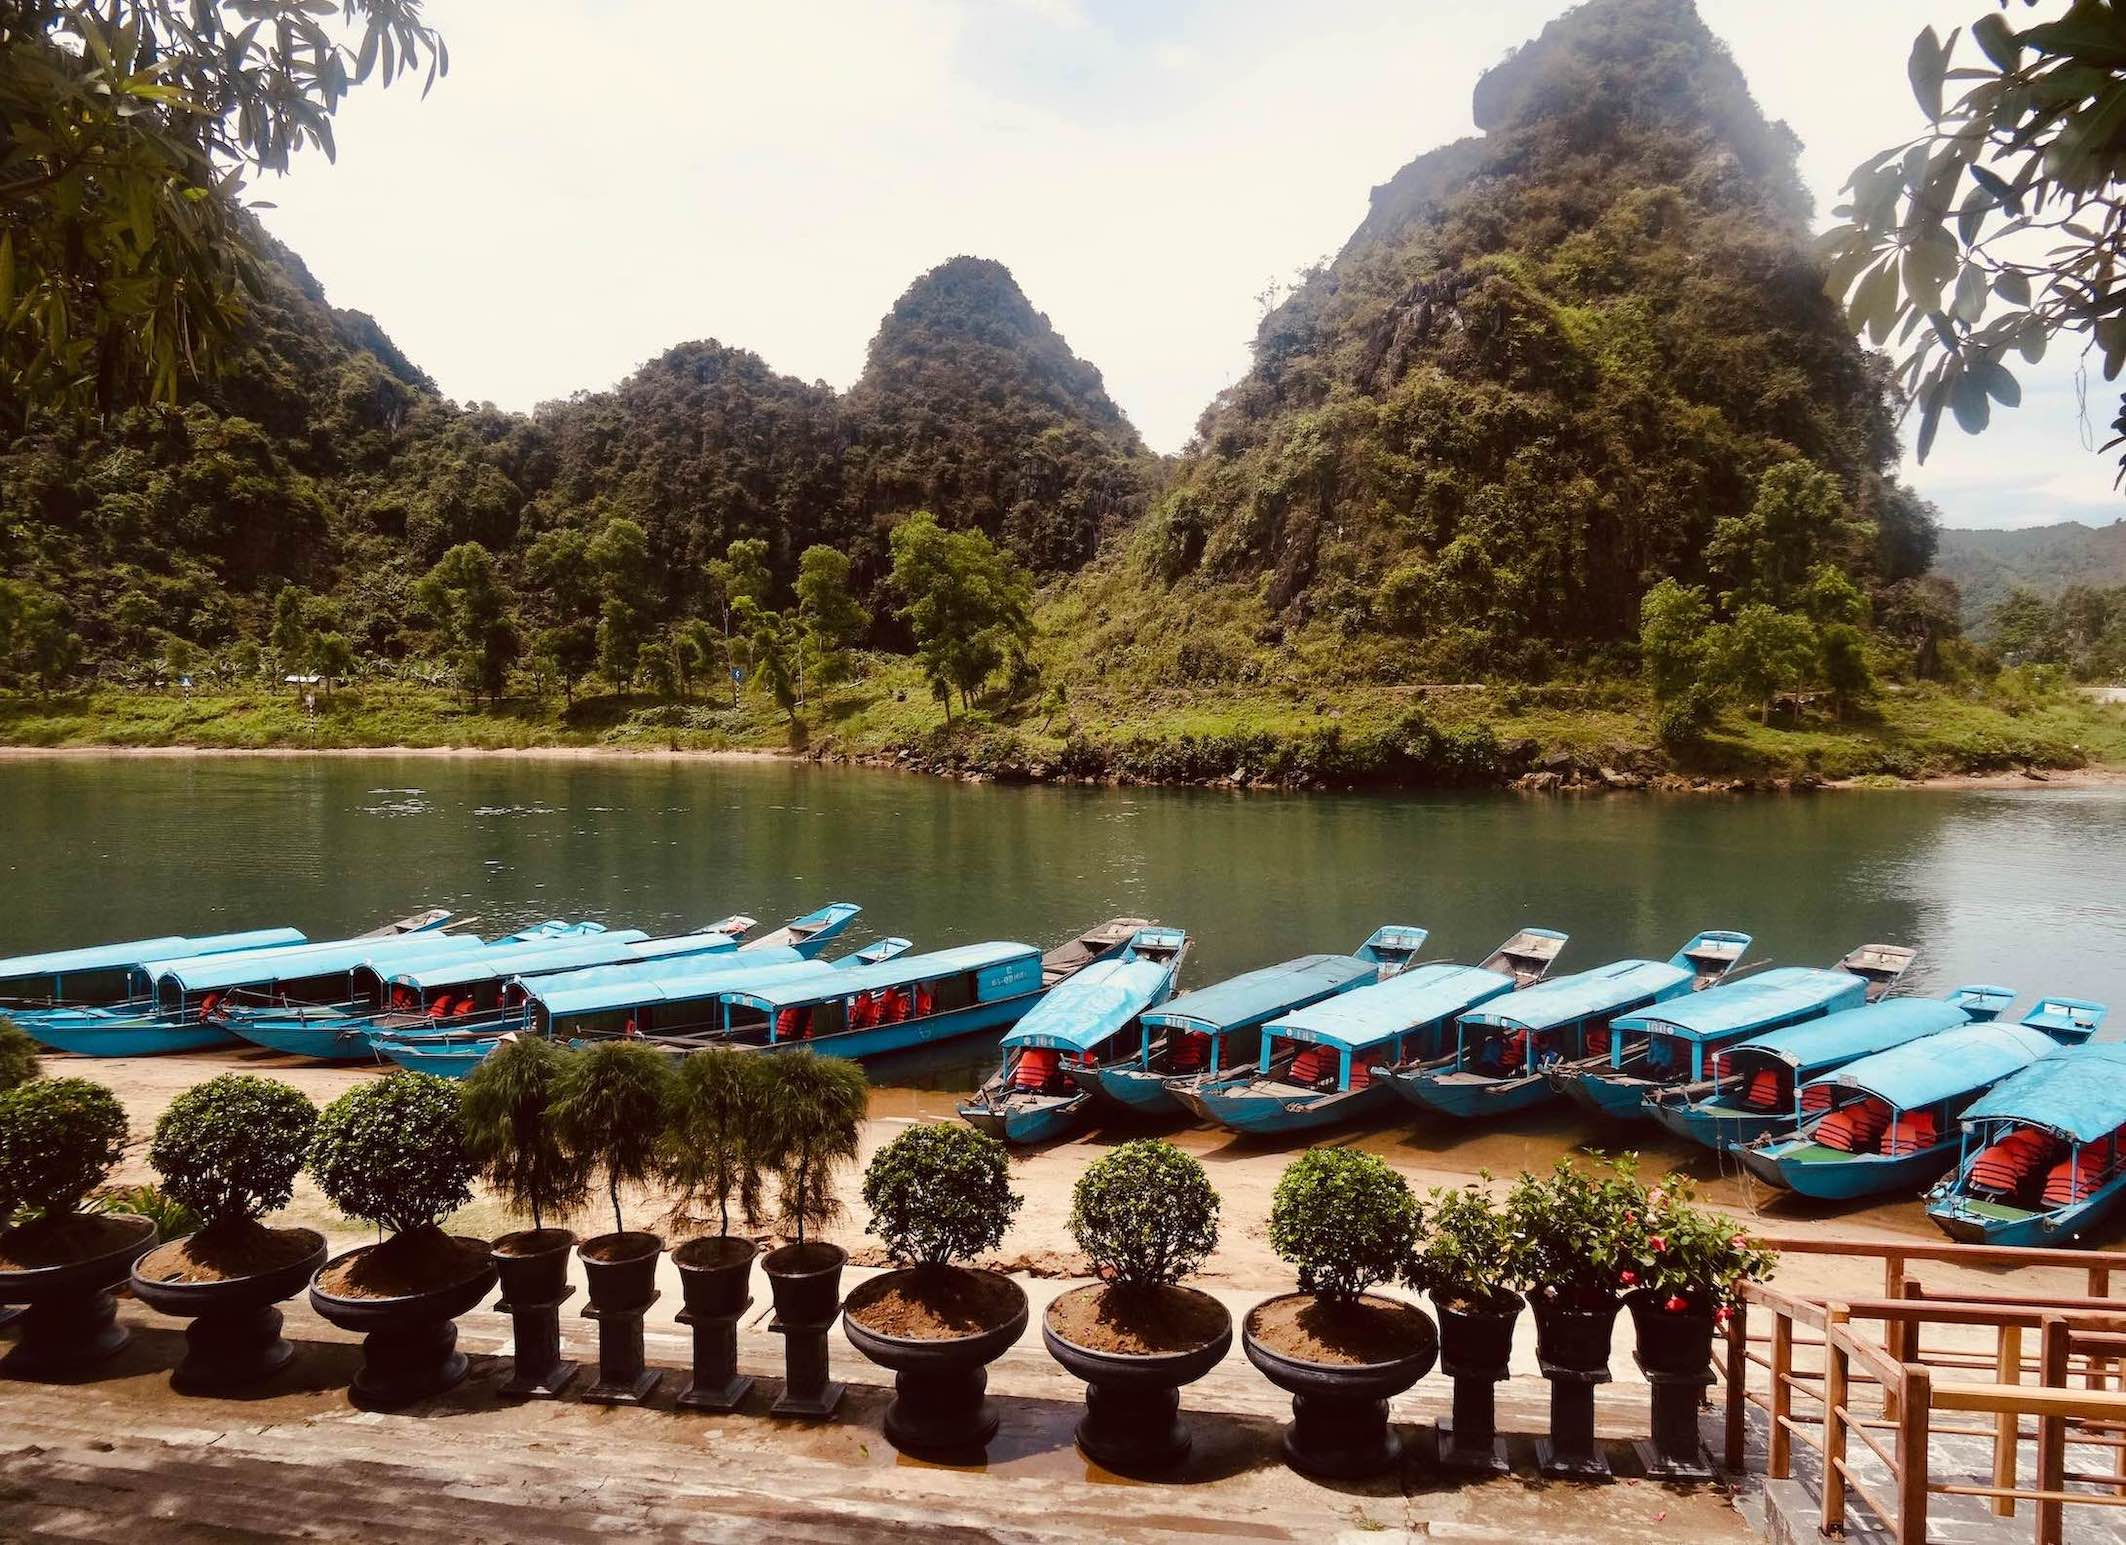 Son River Phong Nha Ke Bang National Park